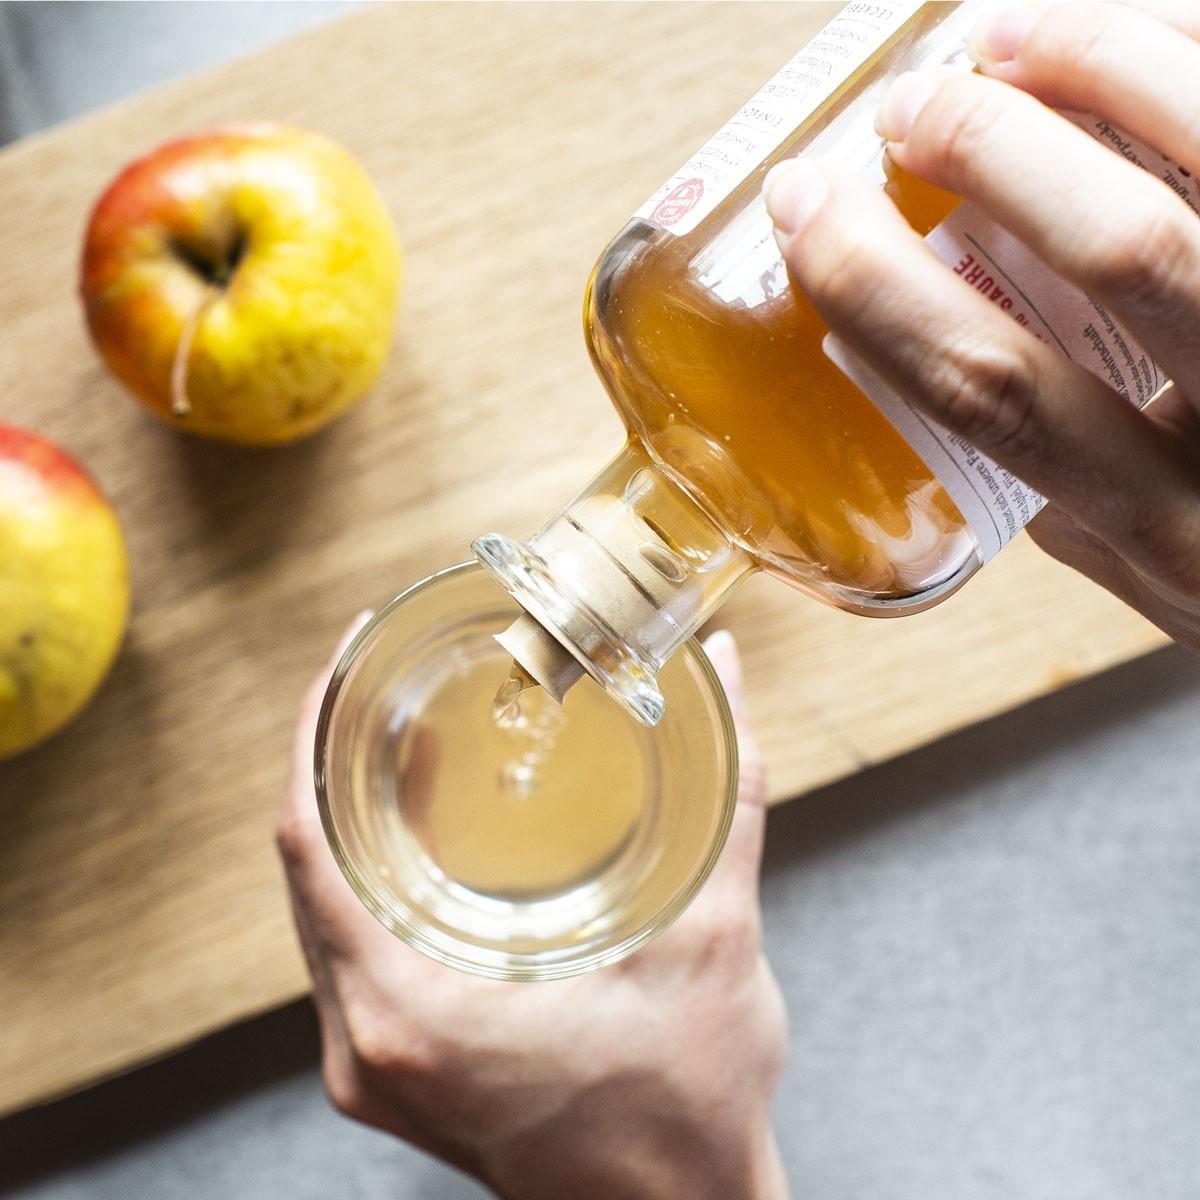 REZEPTUR 1779 Apfelessig mit Honig (350 ml)